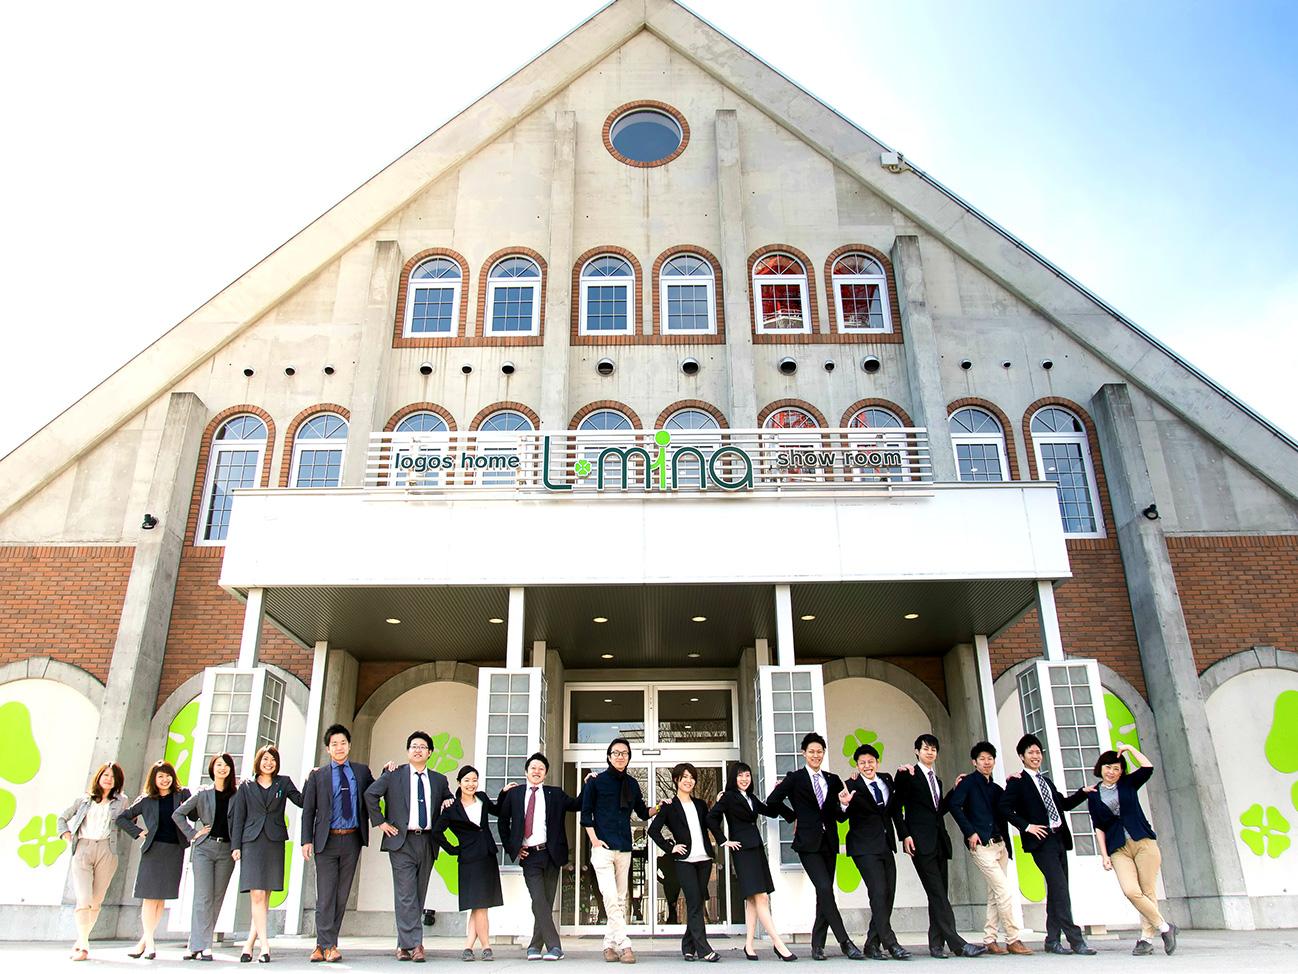 株式会社ロゴスホーム 釧路支店